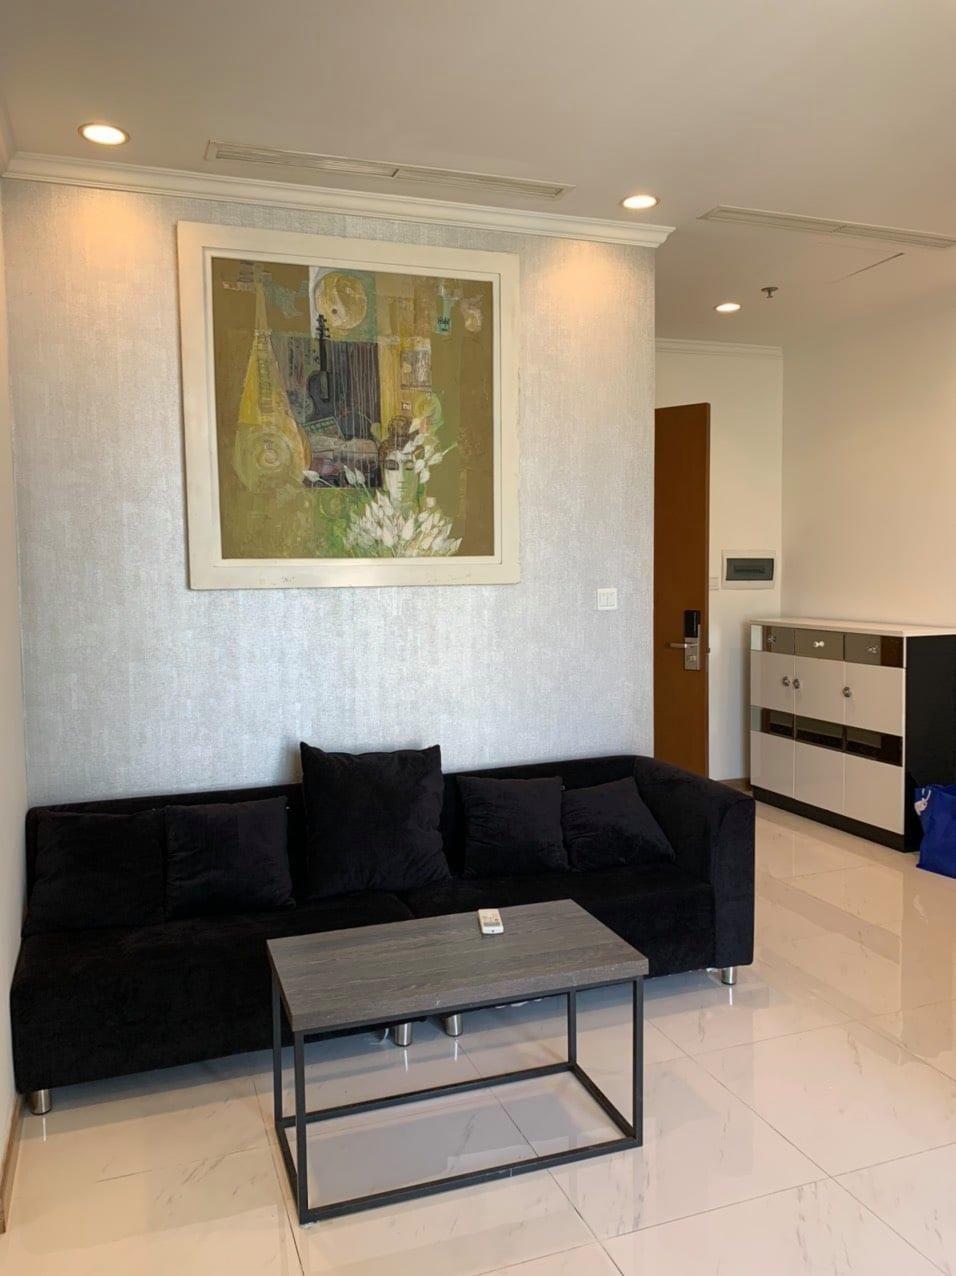 cho thuê căn  hộ chung cư cao cấp vinhomes central park